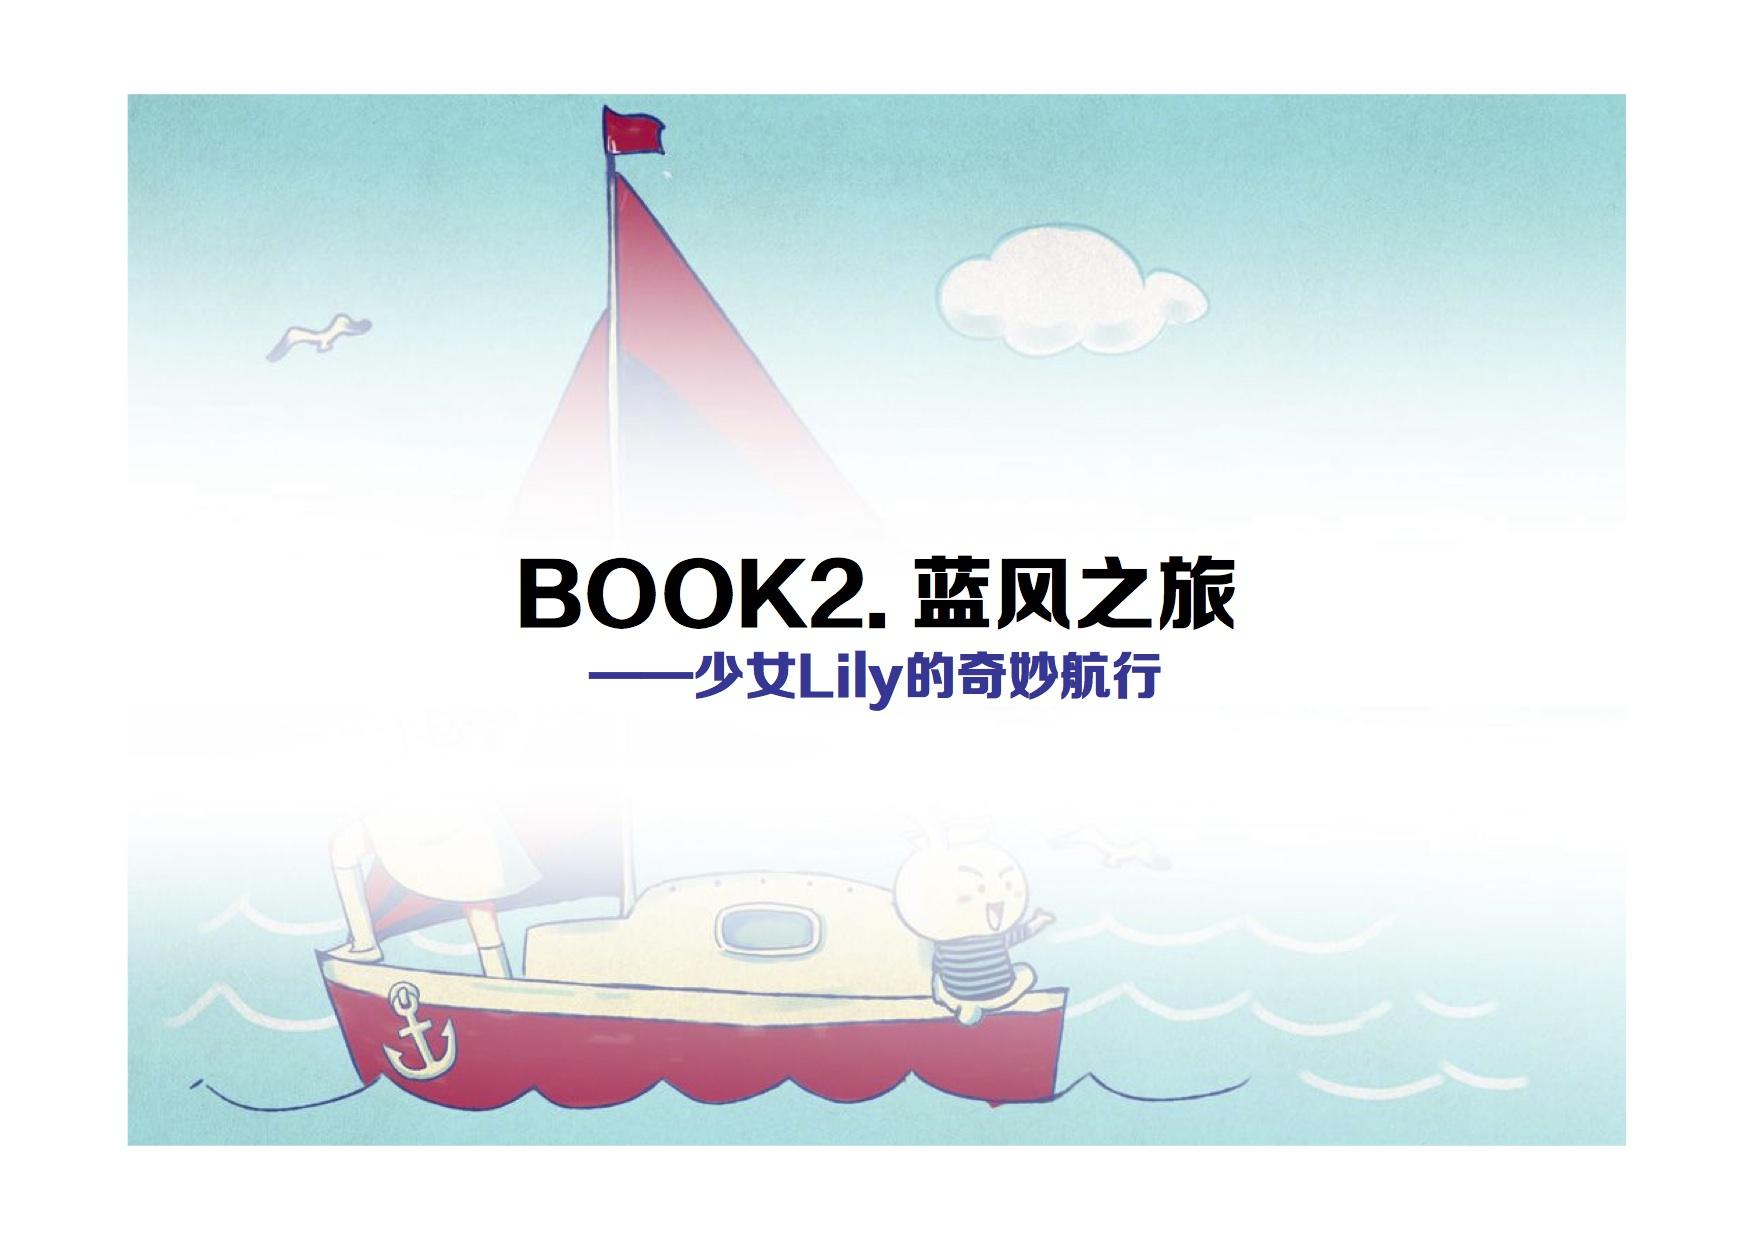 徐莉佳,帆船 一起来支持徐莉佳帆船漫画系列书 绘本帆船创作企划案17.jpg